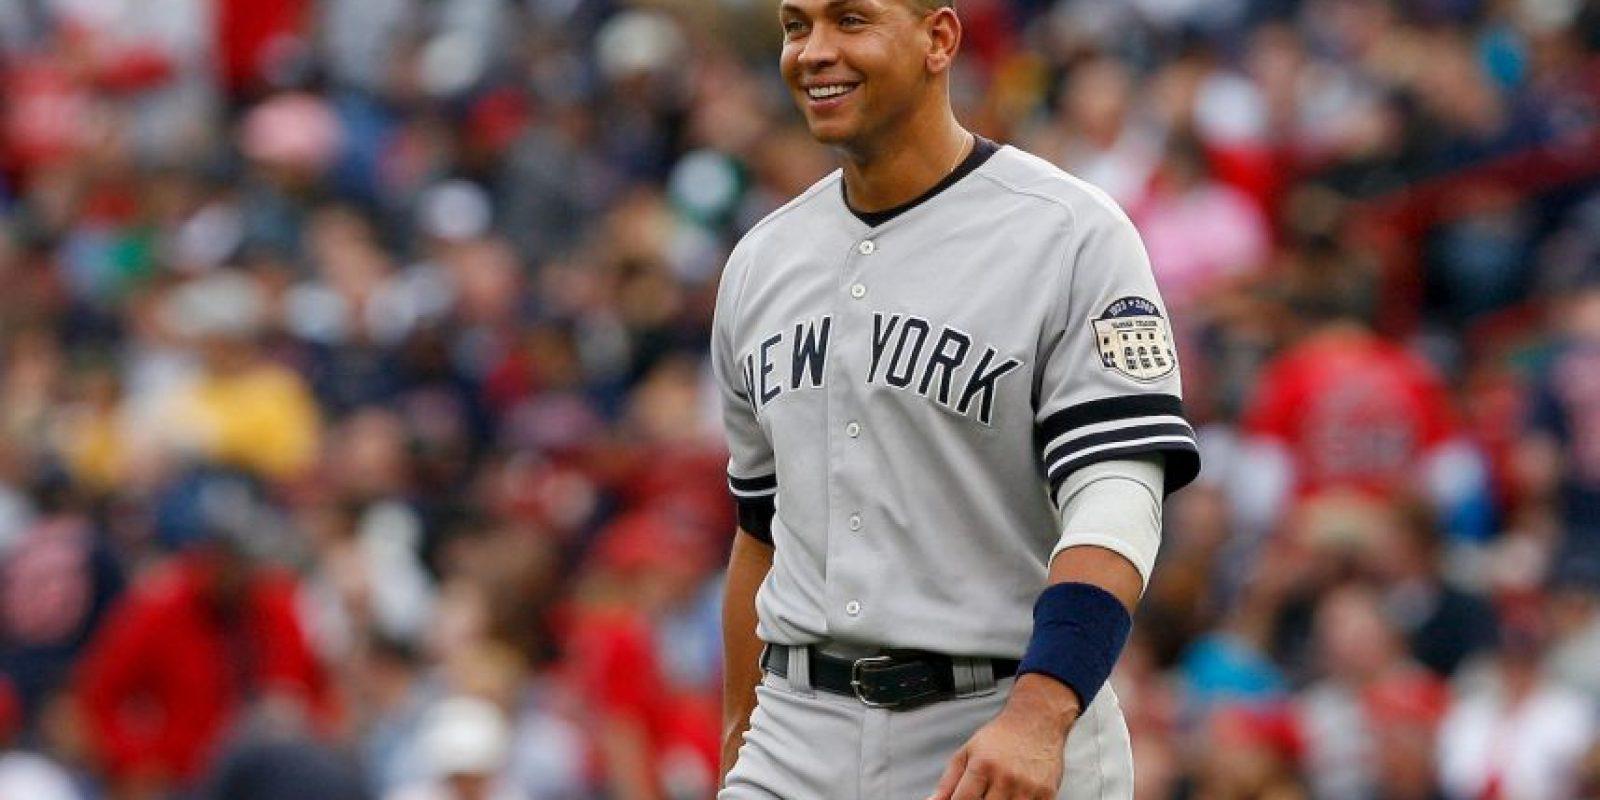 En 2008, los Yankees le ofrecieron al tercera base un contrato de 27.49 millones de dólares al año. Foto:Getty Images